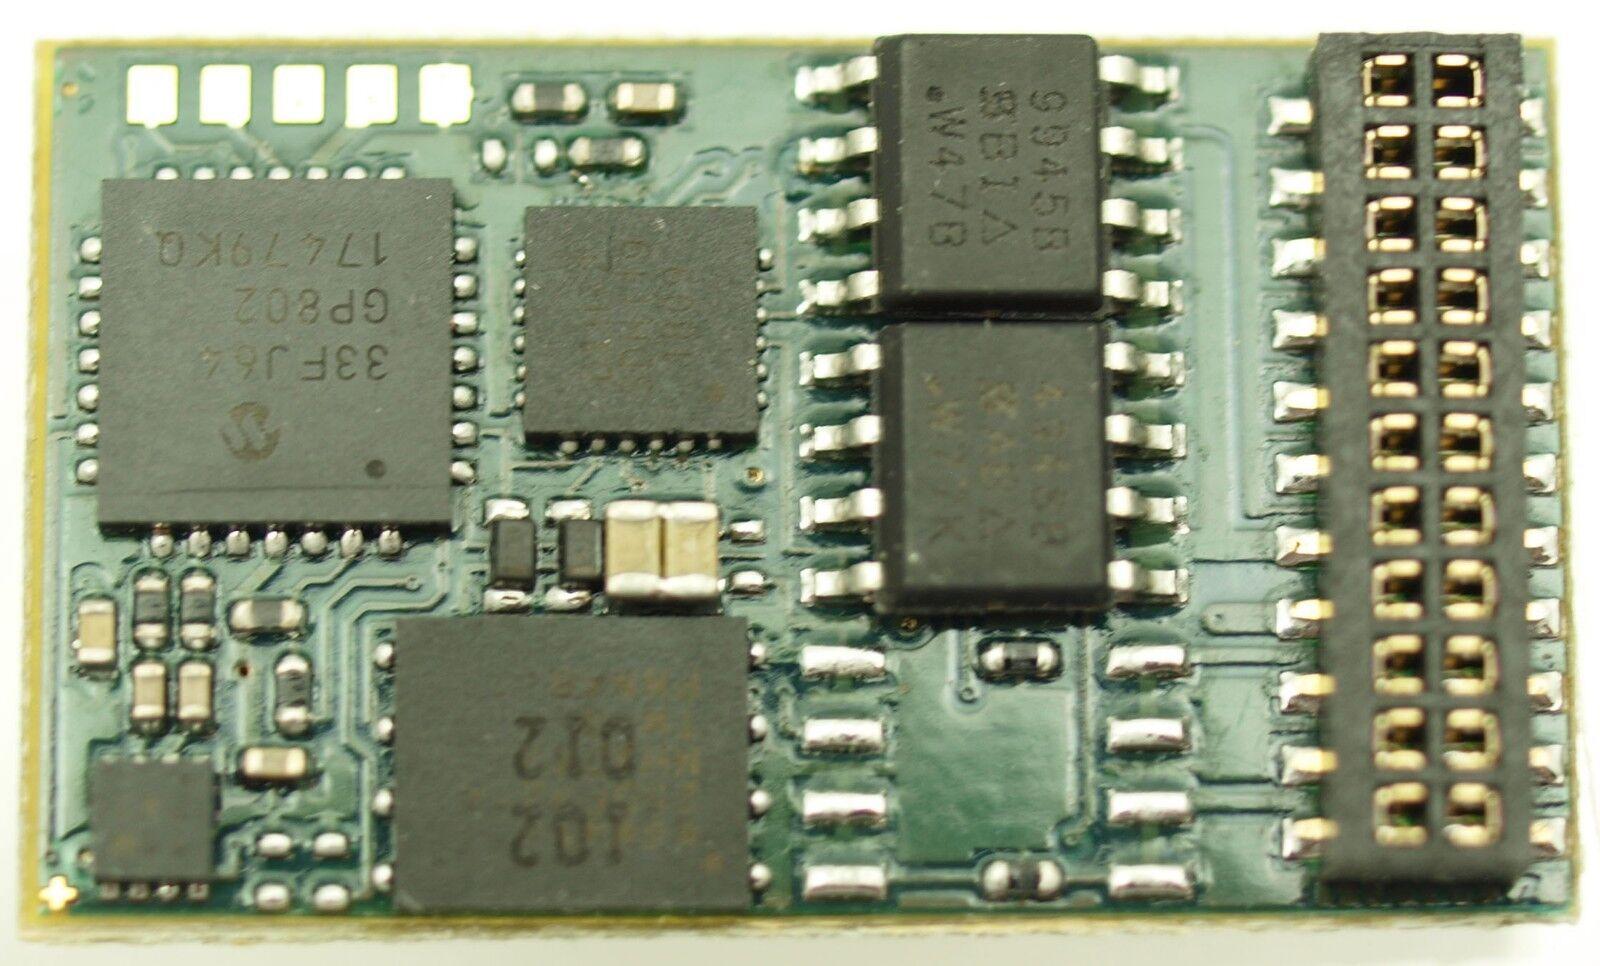 Doehler & Haass sd21a-5 veicolo sound decoder Loco DECODER SOUND MTC 21 NEM 660